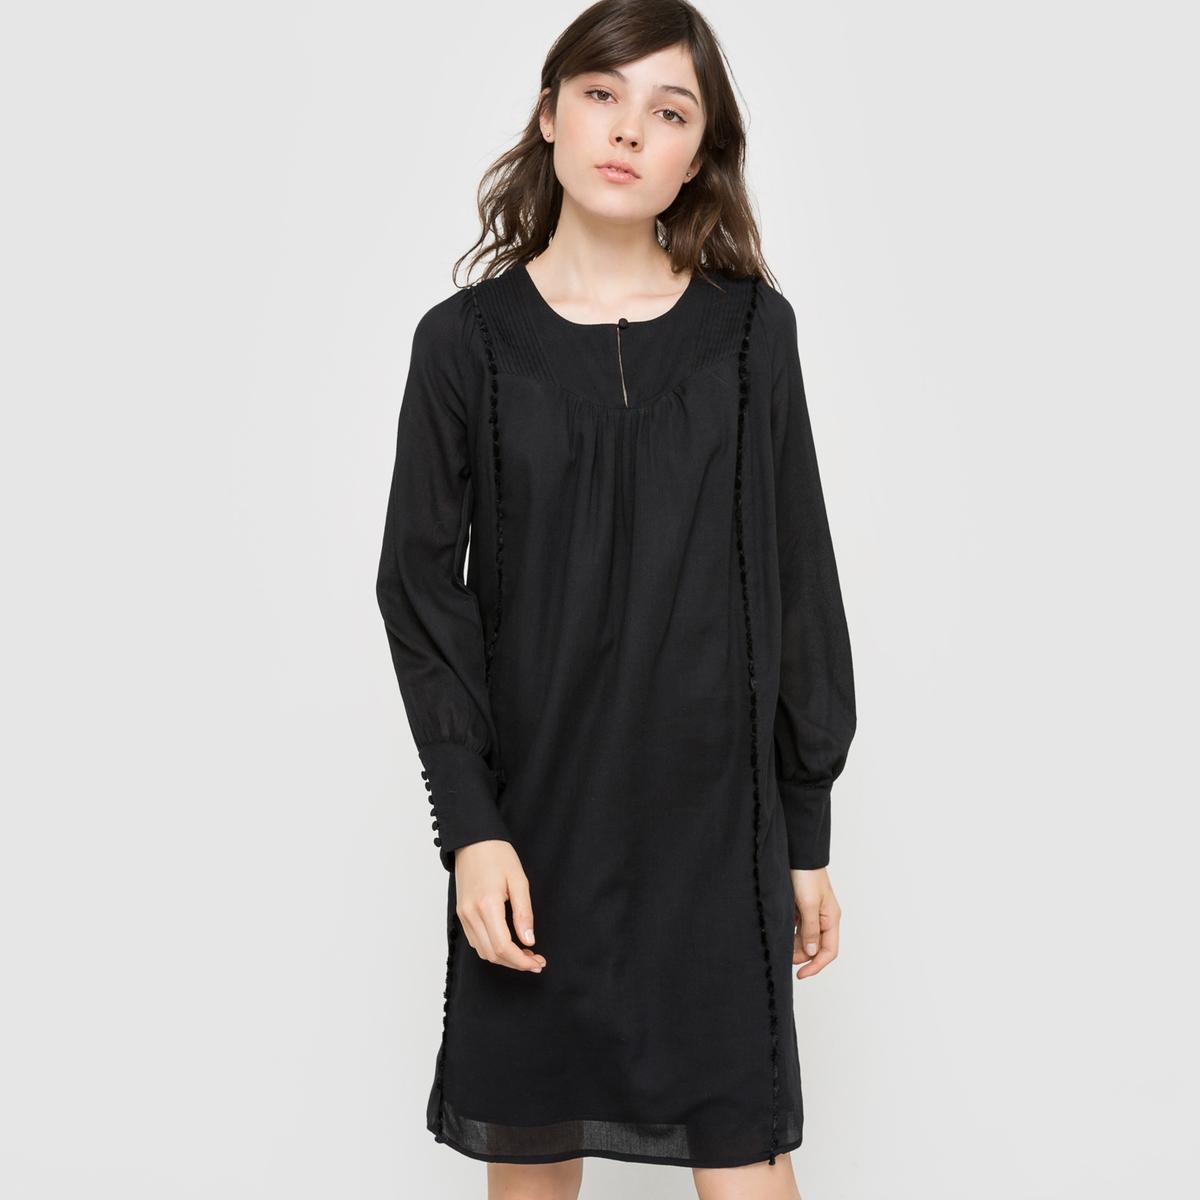 Платье плиссированное из хлопкаПлатье в романтическом стиле из струящейся ткани. Длинные рукава. Круглый вырез с вырезом-капелькой. Плиссировка под линией отреза. На подкладке.Состав и описаниеМатериал :              100% хлопкового крепаПодкладка: 100% хлопокДлина : 90 смМарка : R studio.Уход :Машинная стирка при 30 °C с вещами схожих цветовСтирать и гладить с изнаночной стороныГладить при умеренной температуре<br><br>Цвет: темно-зеленый,черный<br>Размер: 40 (FR) - 46 (RUS)